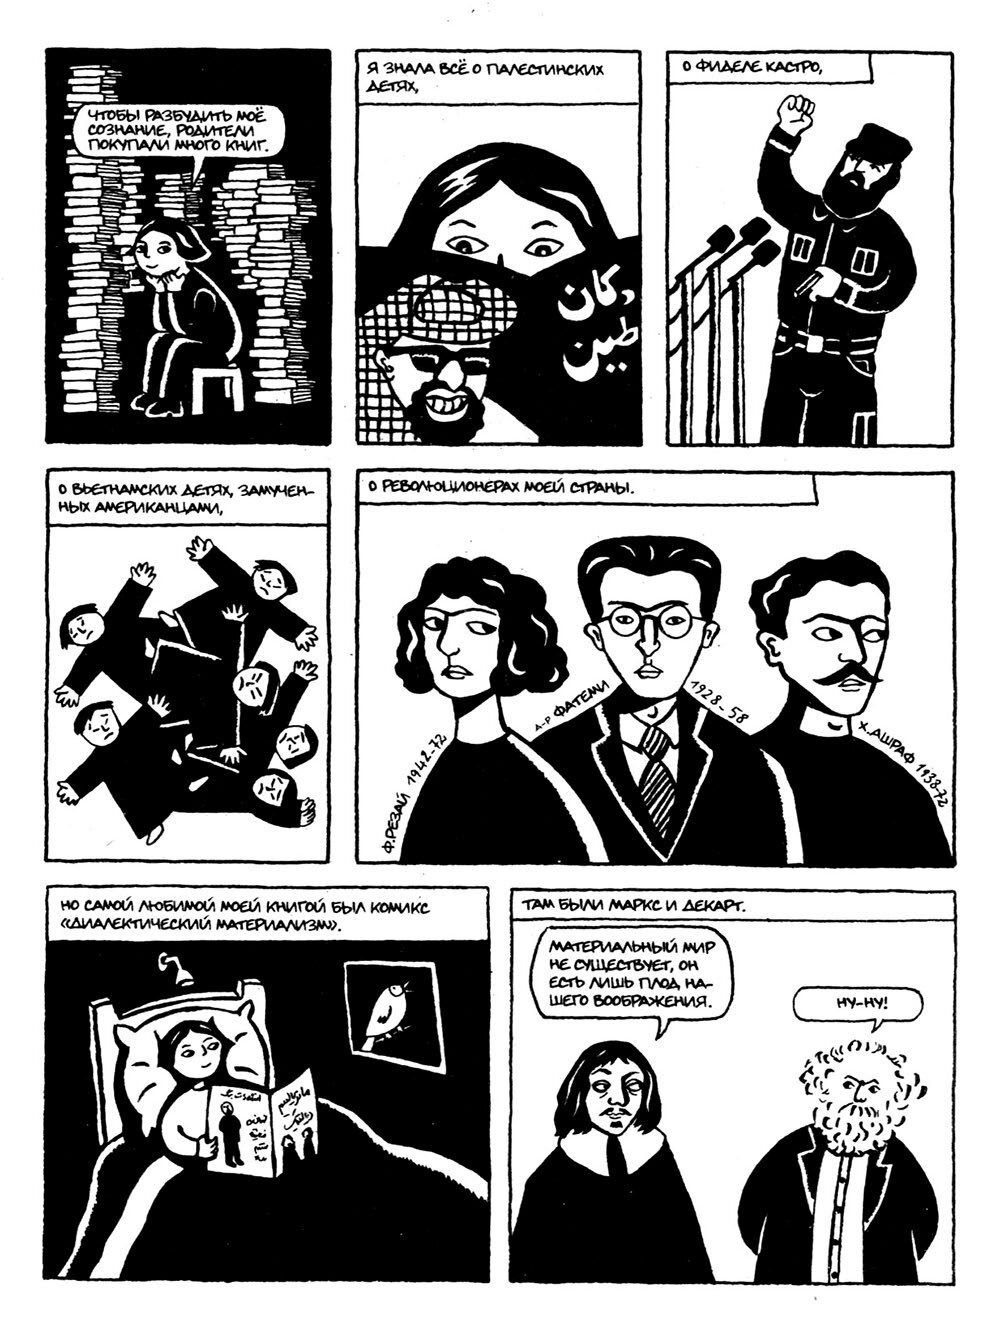 Исторический комикс Персеполис, Маржан Сатрапи. Том 1. Страница 11. Блог о комиксах Vaes Okshn